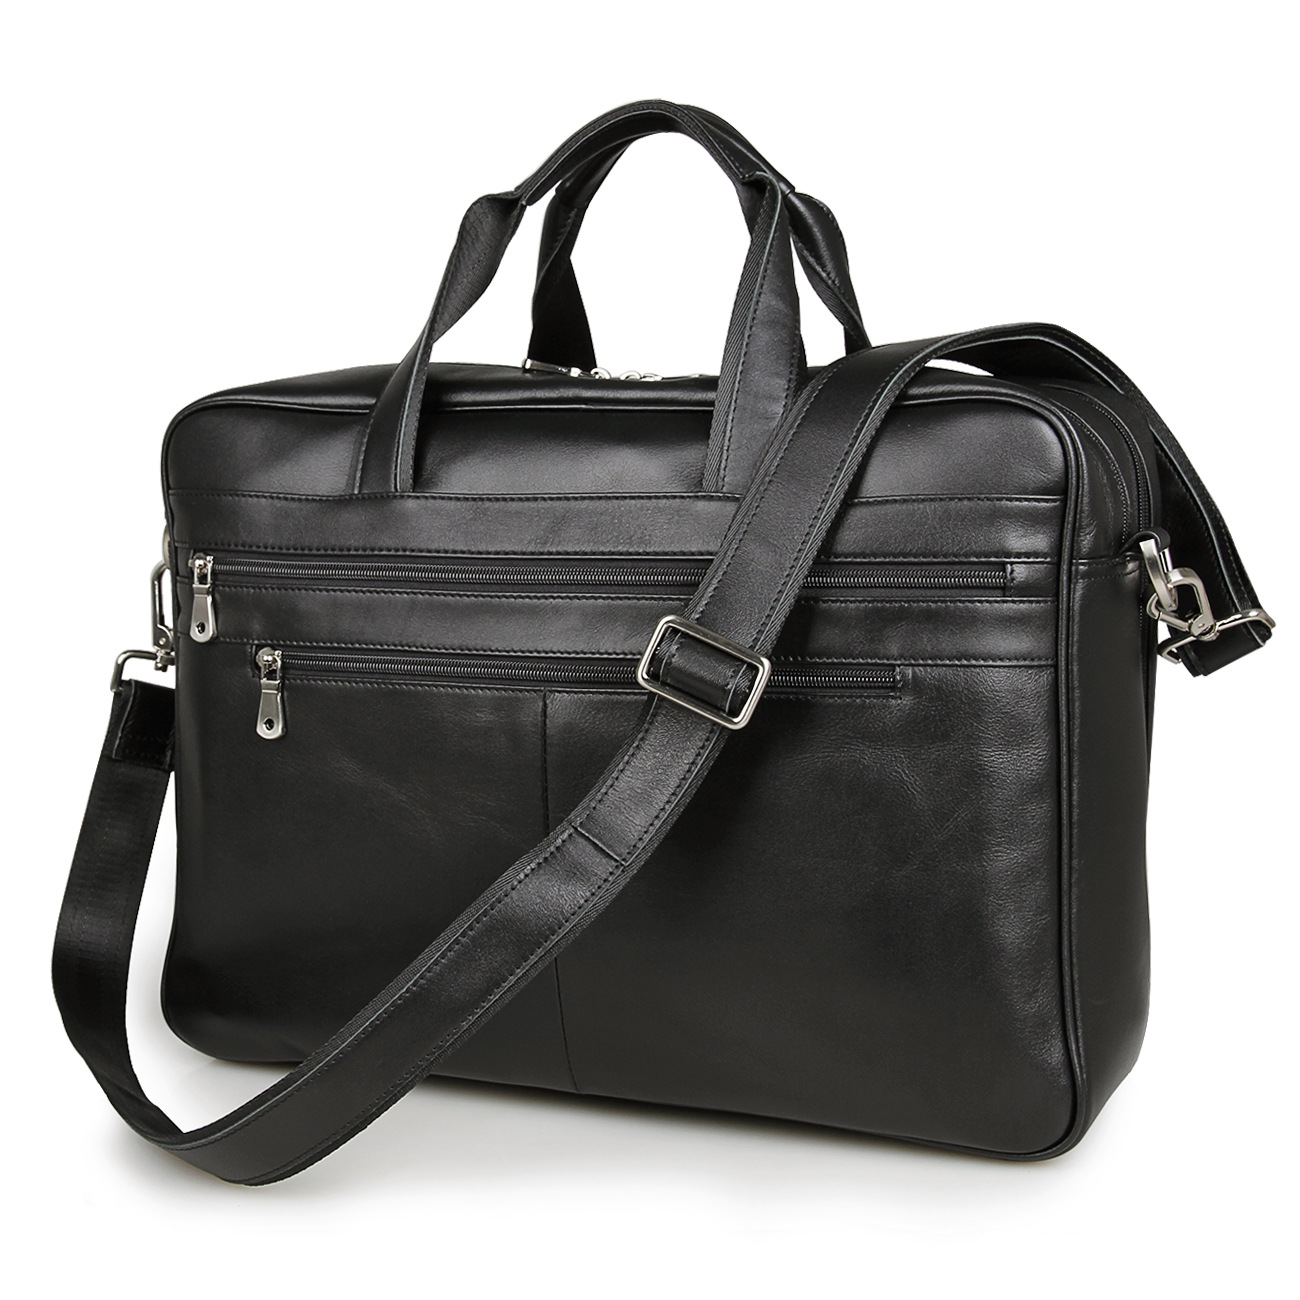 Fashion Vintage Men 100% Briefcase Business Shoulder Genuine Leather Bag Men Messenger Bag Laptop Handbag Bag Men's Travel Bags все цены